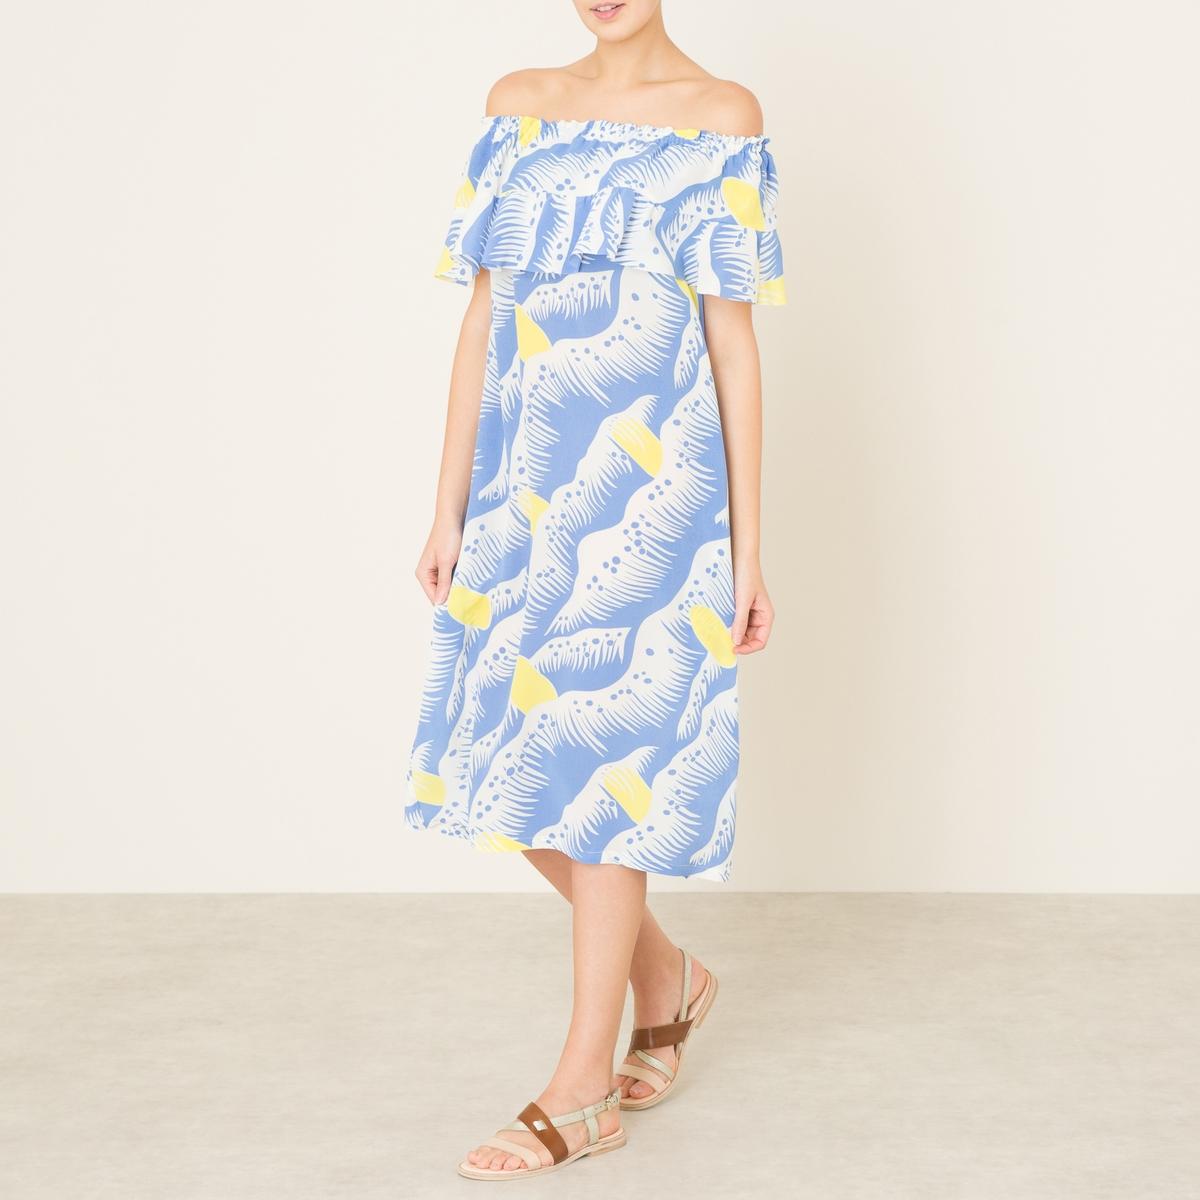 Платье YAELПлатье средней длины TOUPY - модель YAEL с открытыми плечами из смесовой шелковой ткани со сплошным рисунком. Вырез на резинке, открытые плечи, короткие рукава с воланами. Волан на груди. Прямой покрой.Состав и описание    Материал : 55% вискозы, 45% шелка   Длина : от края плеча ок. 105 см. для размера 36   Марка : TOUPY<br><br>Цвет: наб. рисунок синий